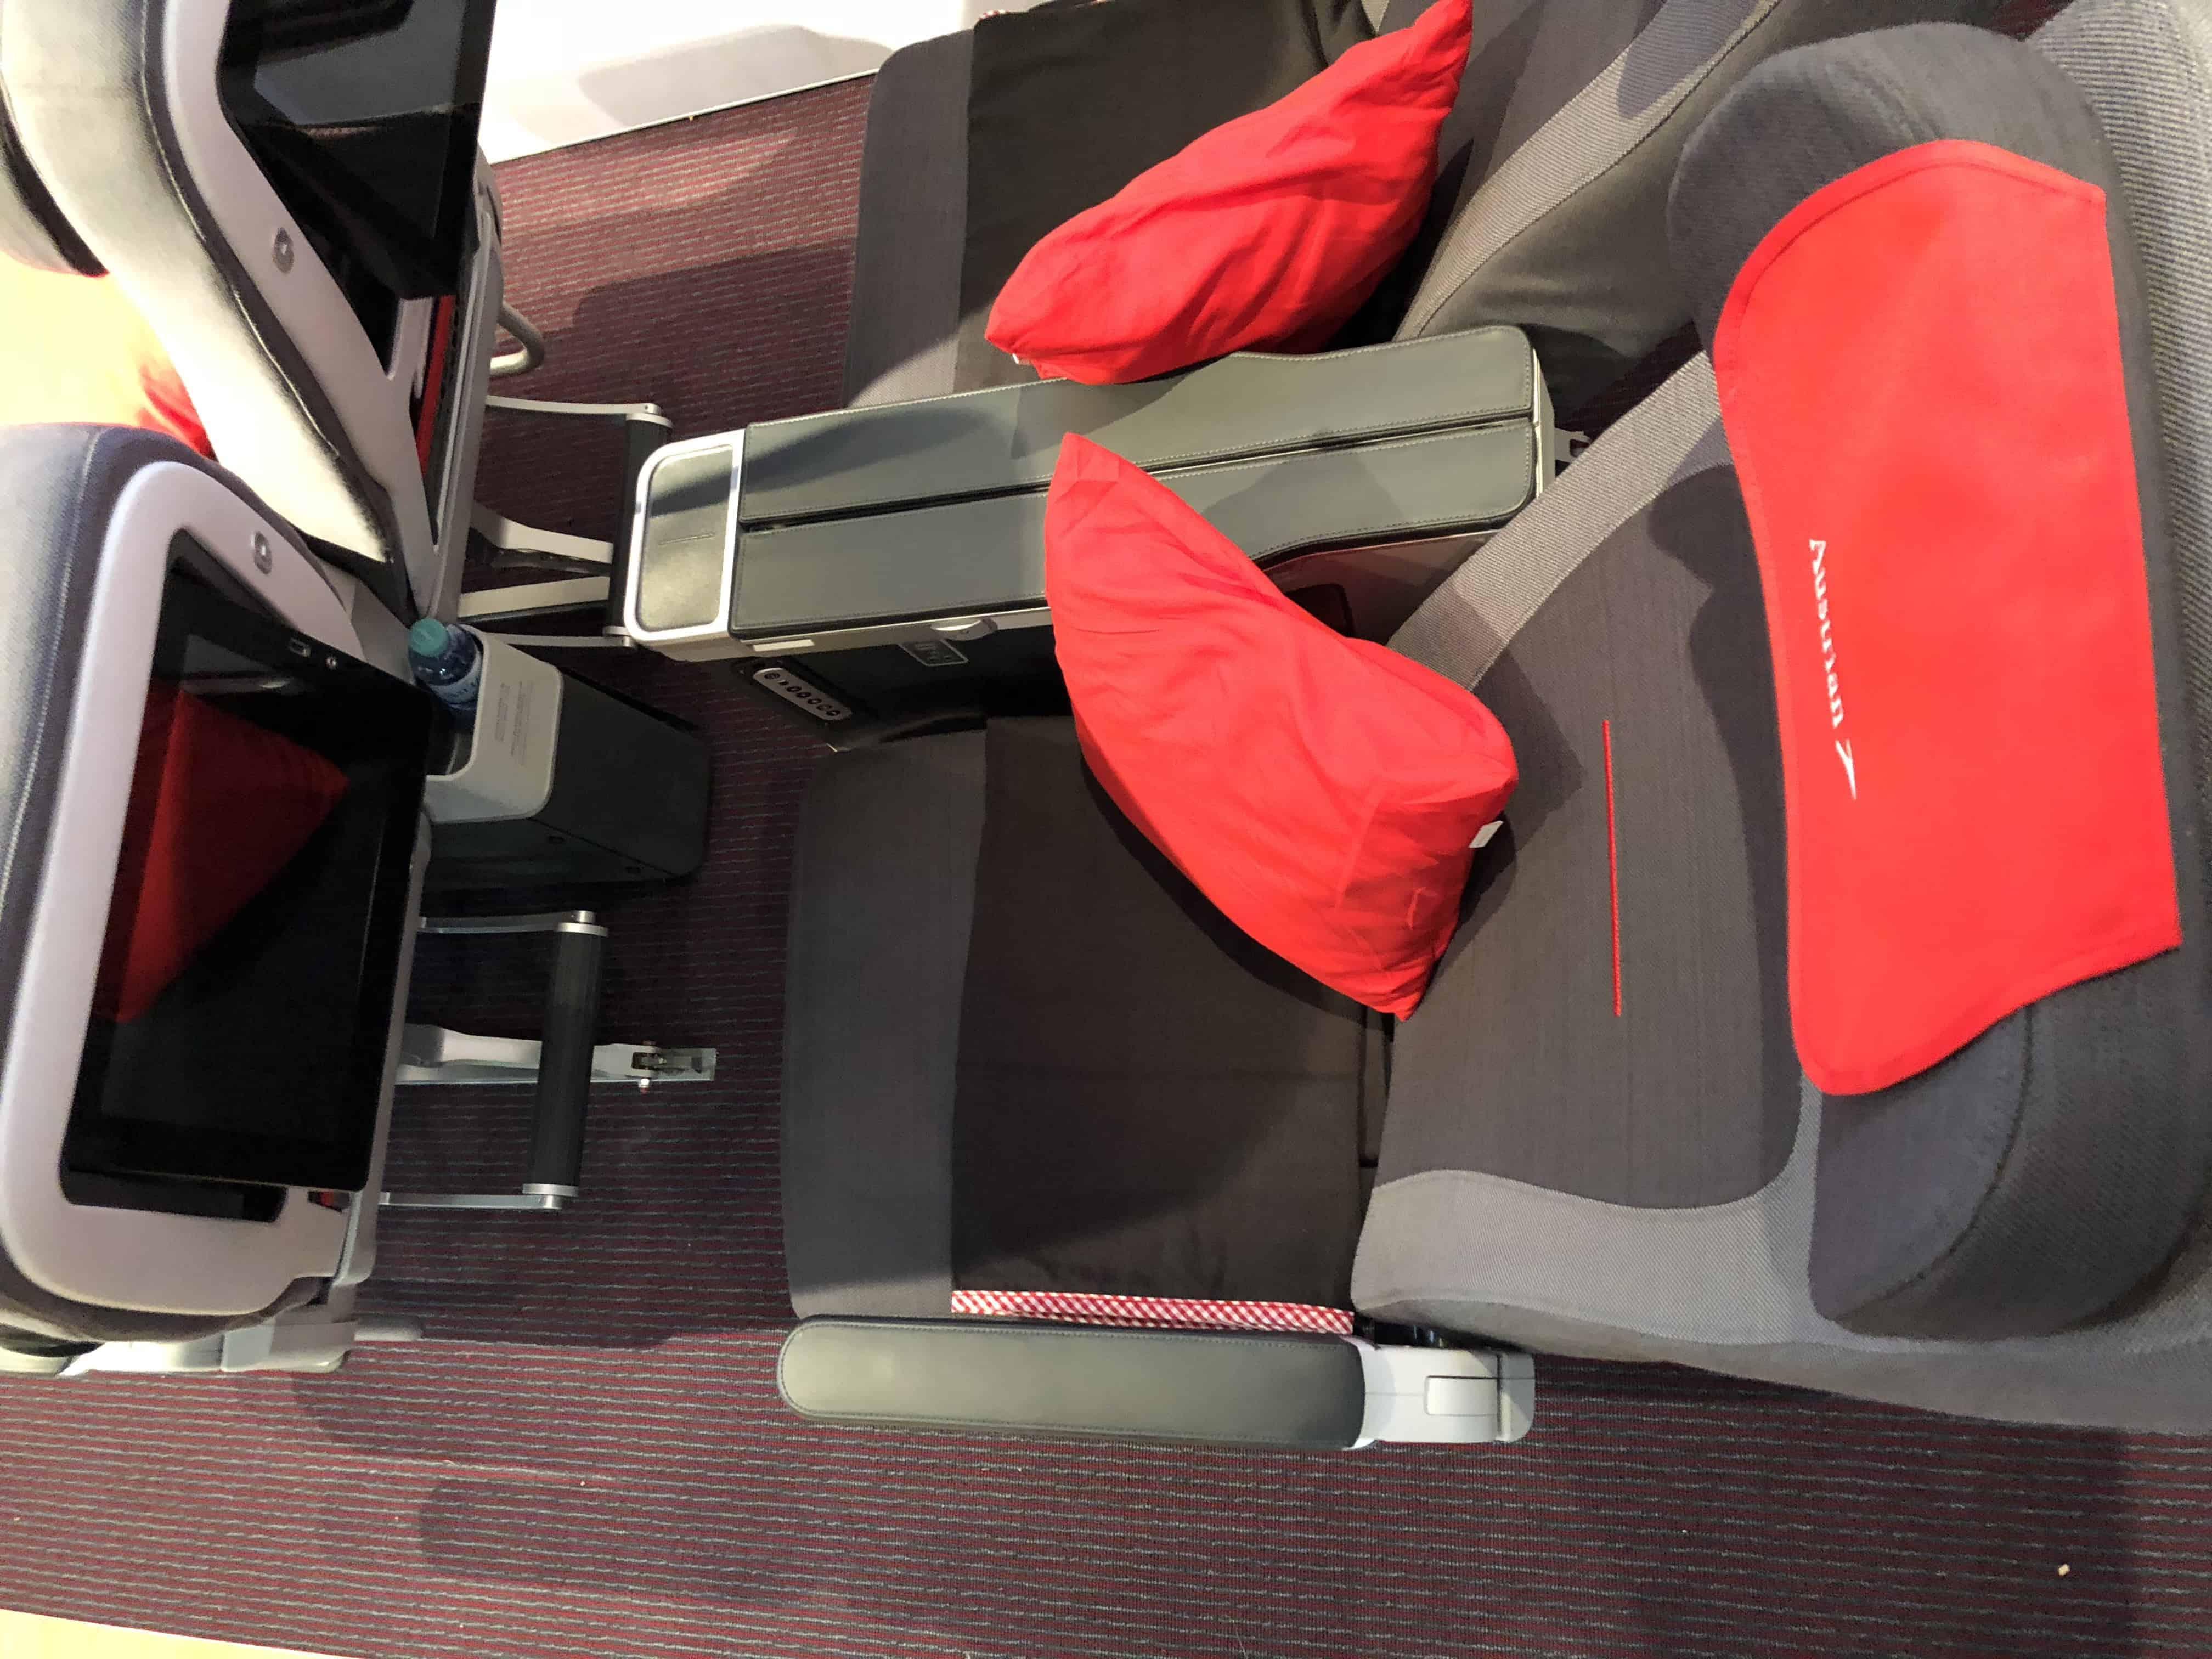 Austrian Airlines Premium Economy von oben